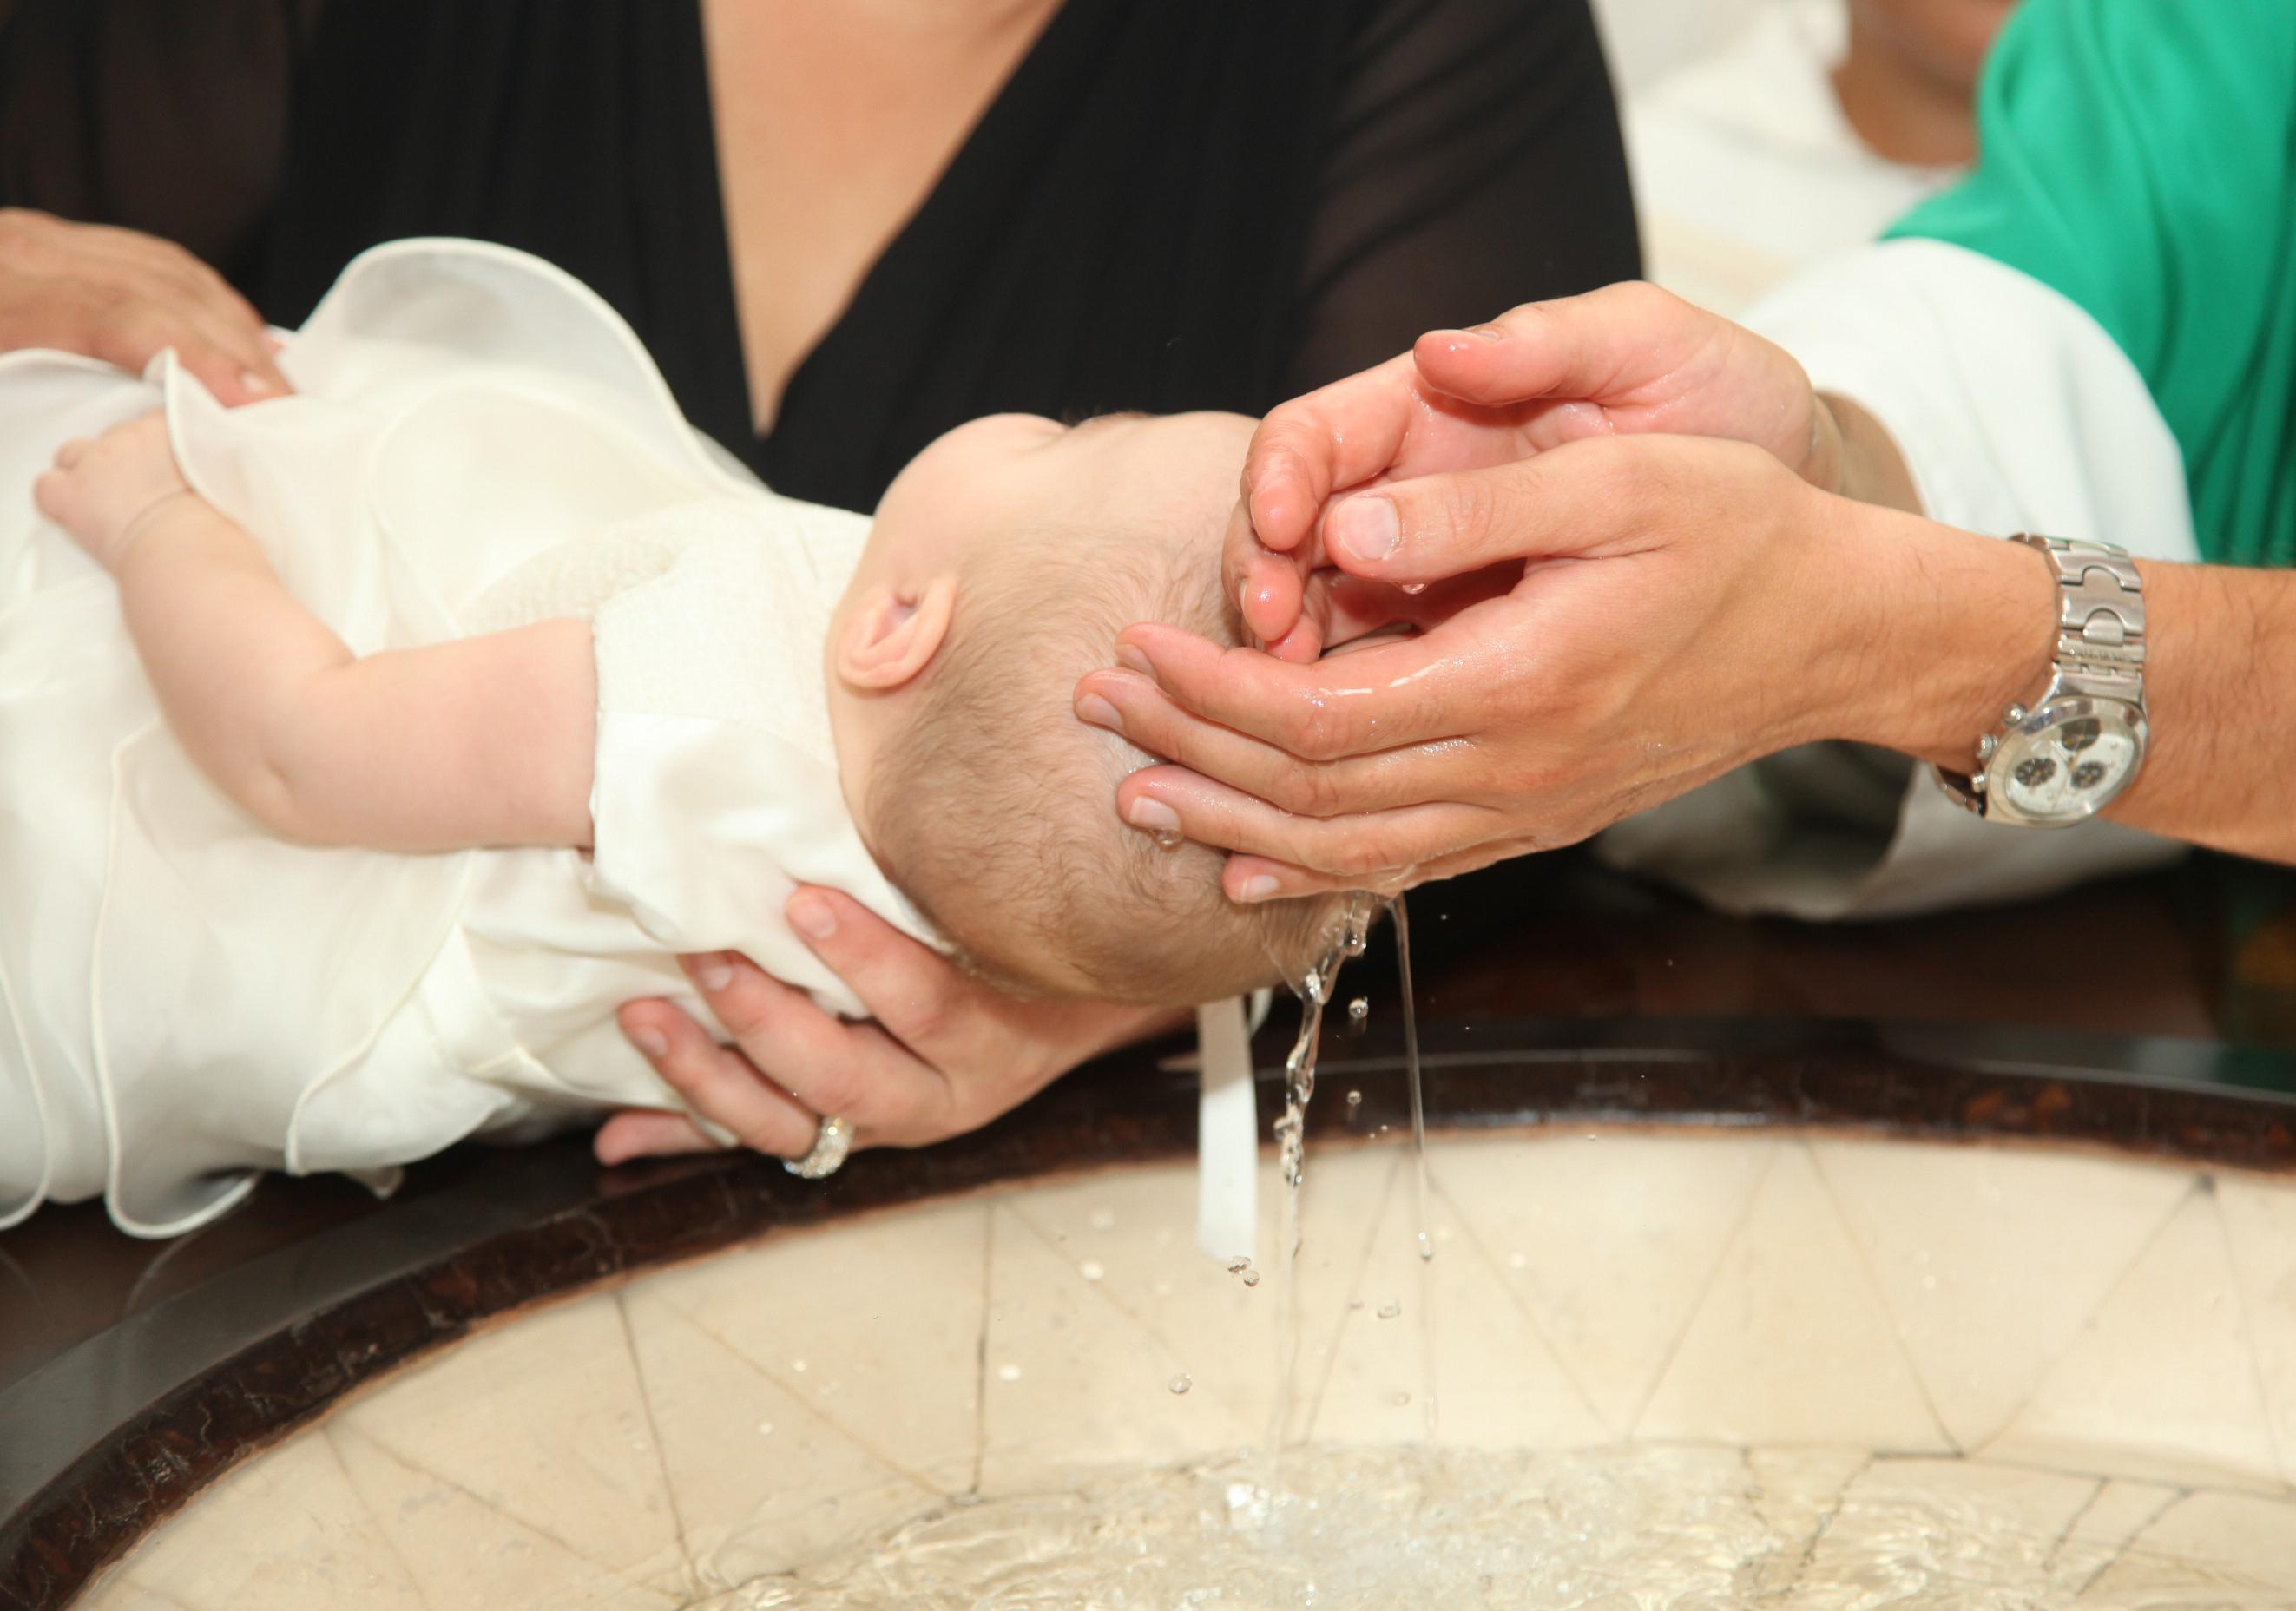 Batismo igreja anglicana - aspersão